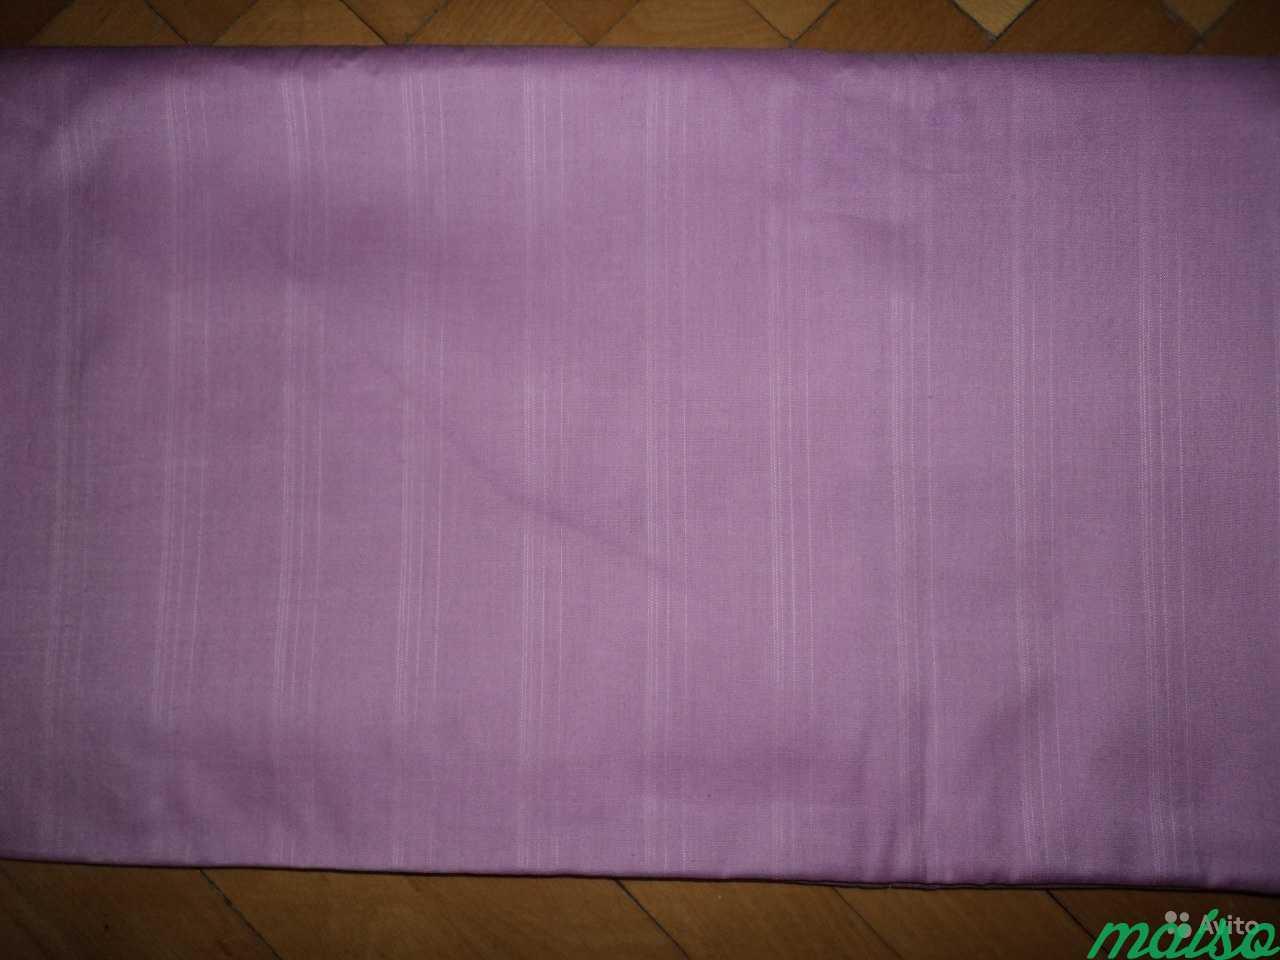 Розовая сорочечная ткань в Москве. Фото 2